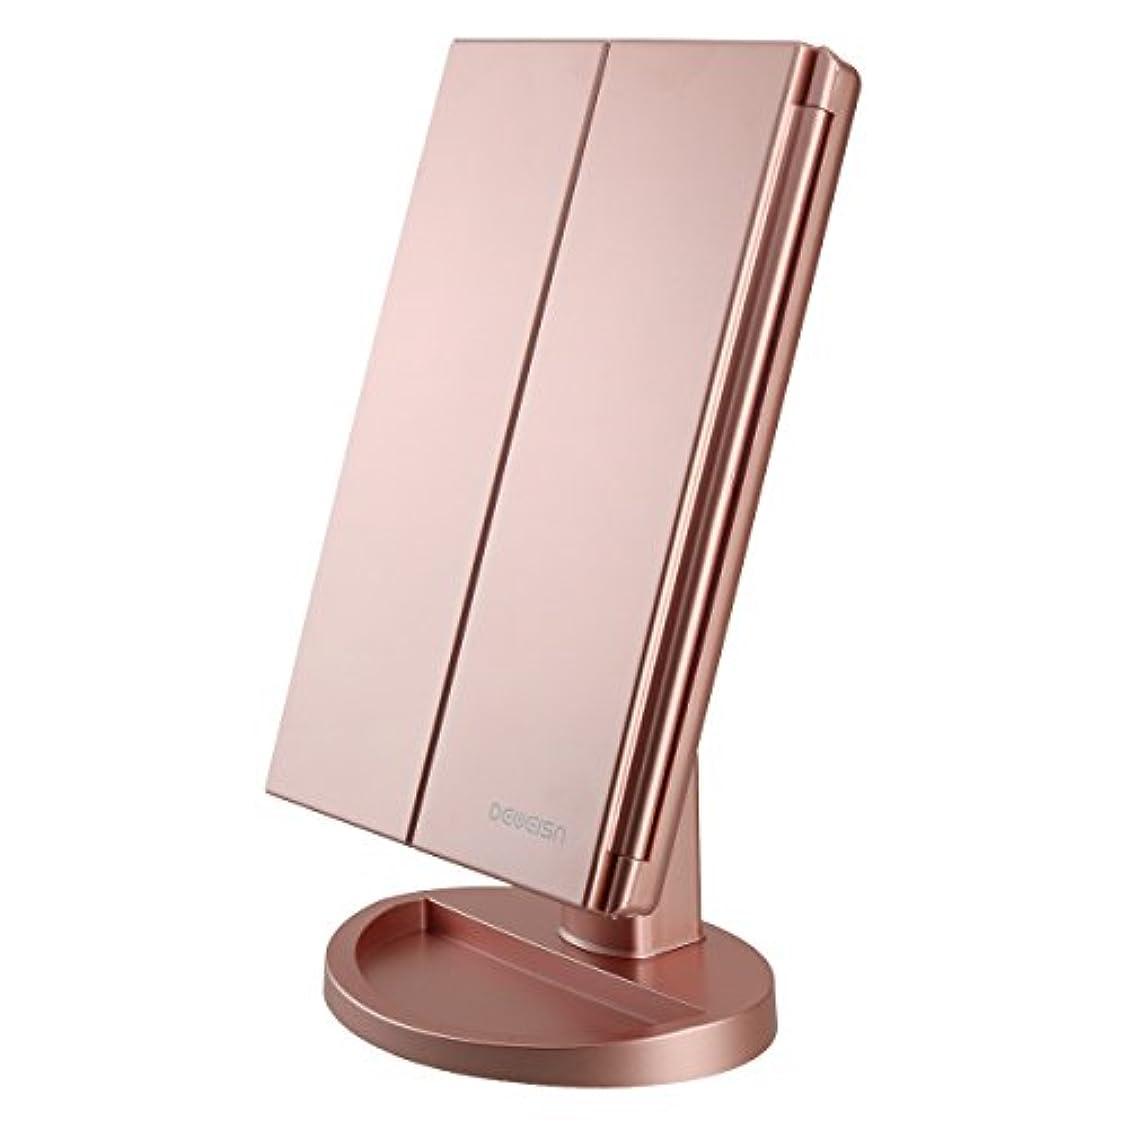 導入する改善する種をまく卓上三面鏡 LED化粧鏡 電池交換可能 2倍&3倍拡大鏡付き 角度自由調整 明るさ調整可能 折り畳み式 LEDライト21個 全3色 スタンド ミラー (ローズゴールド)